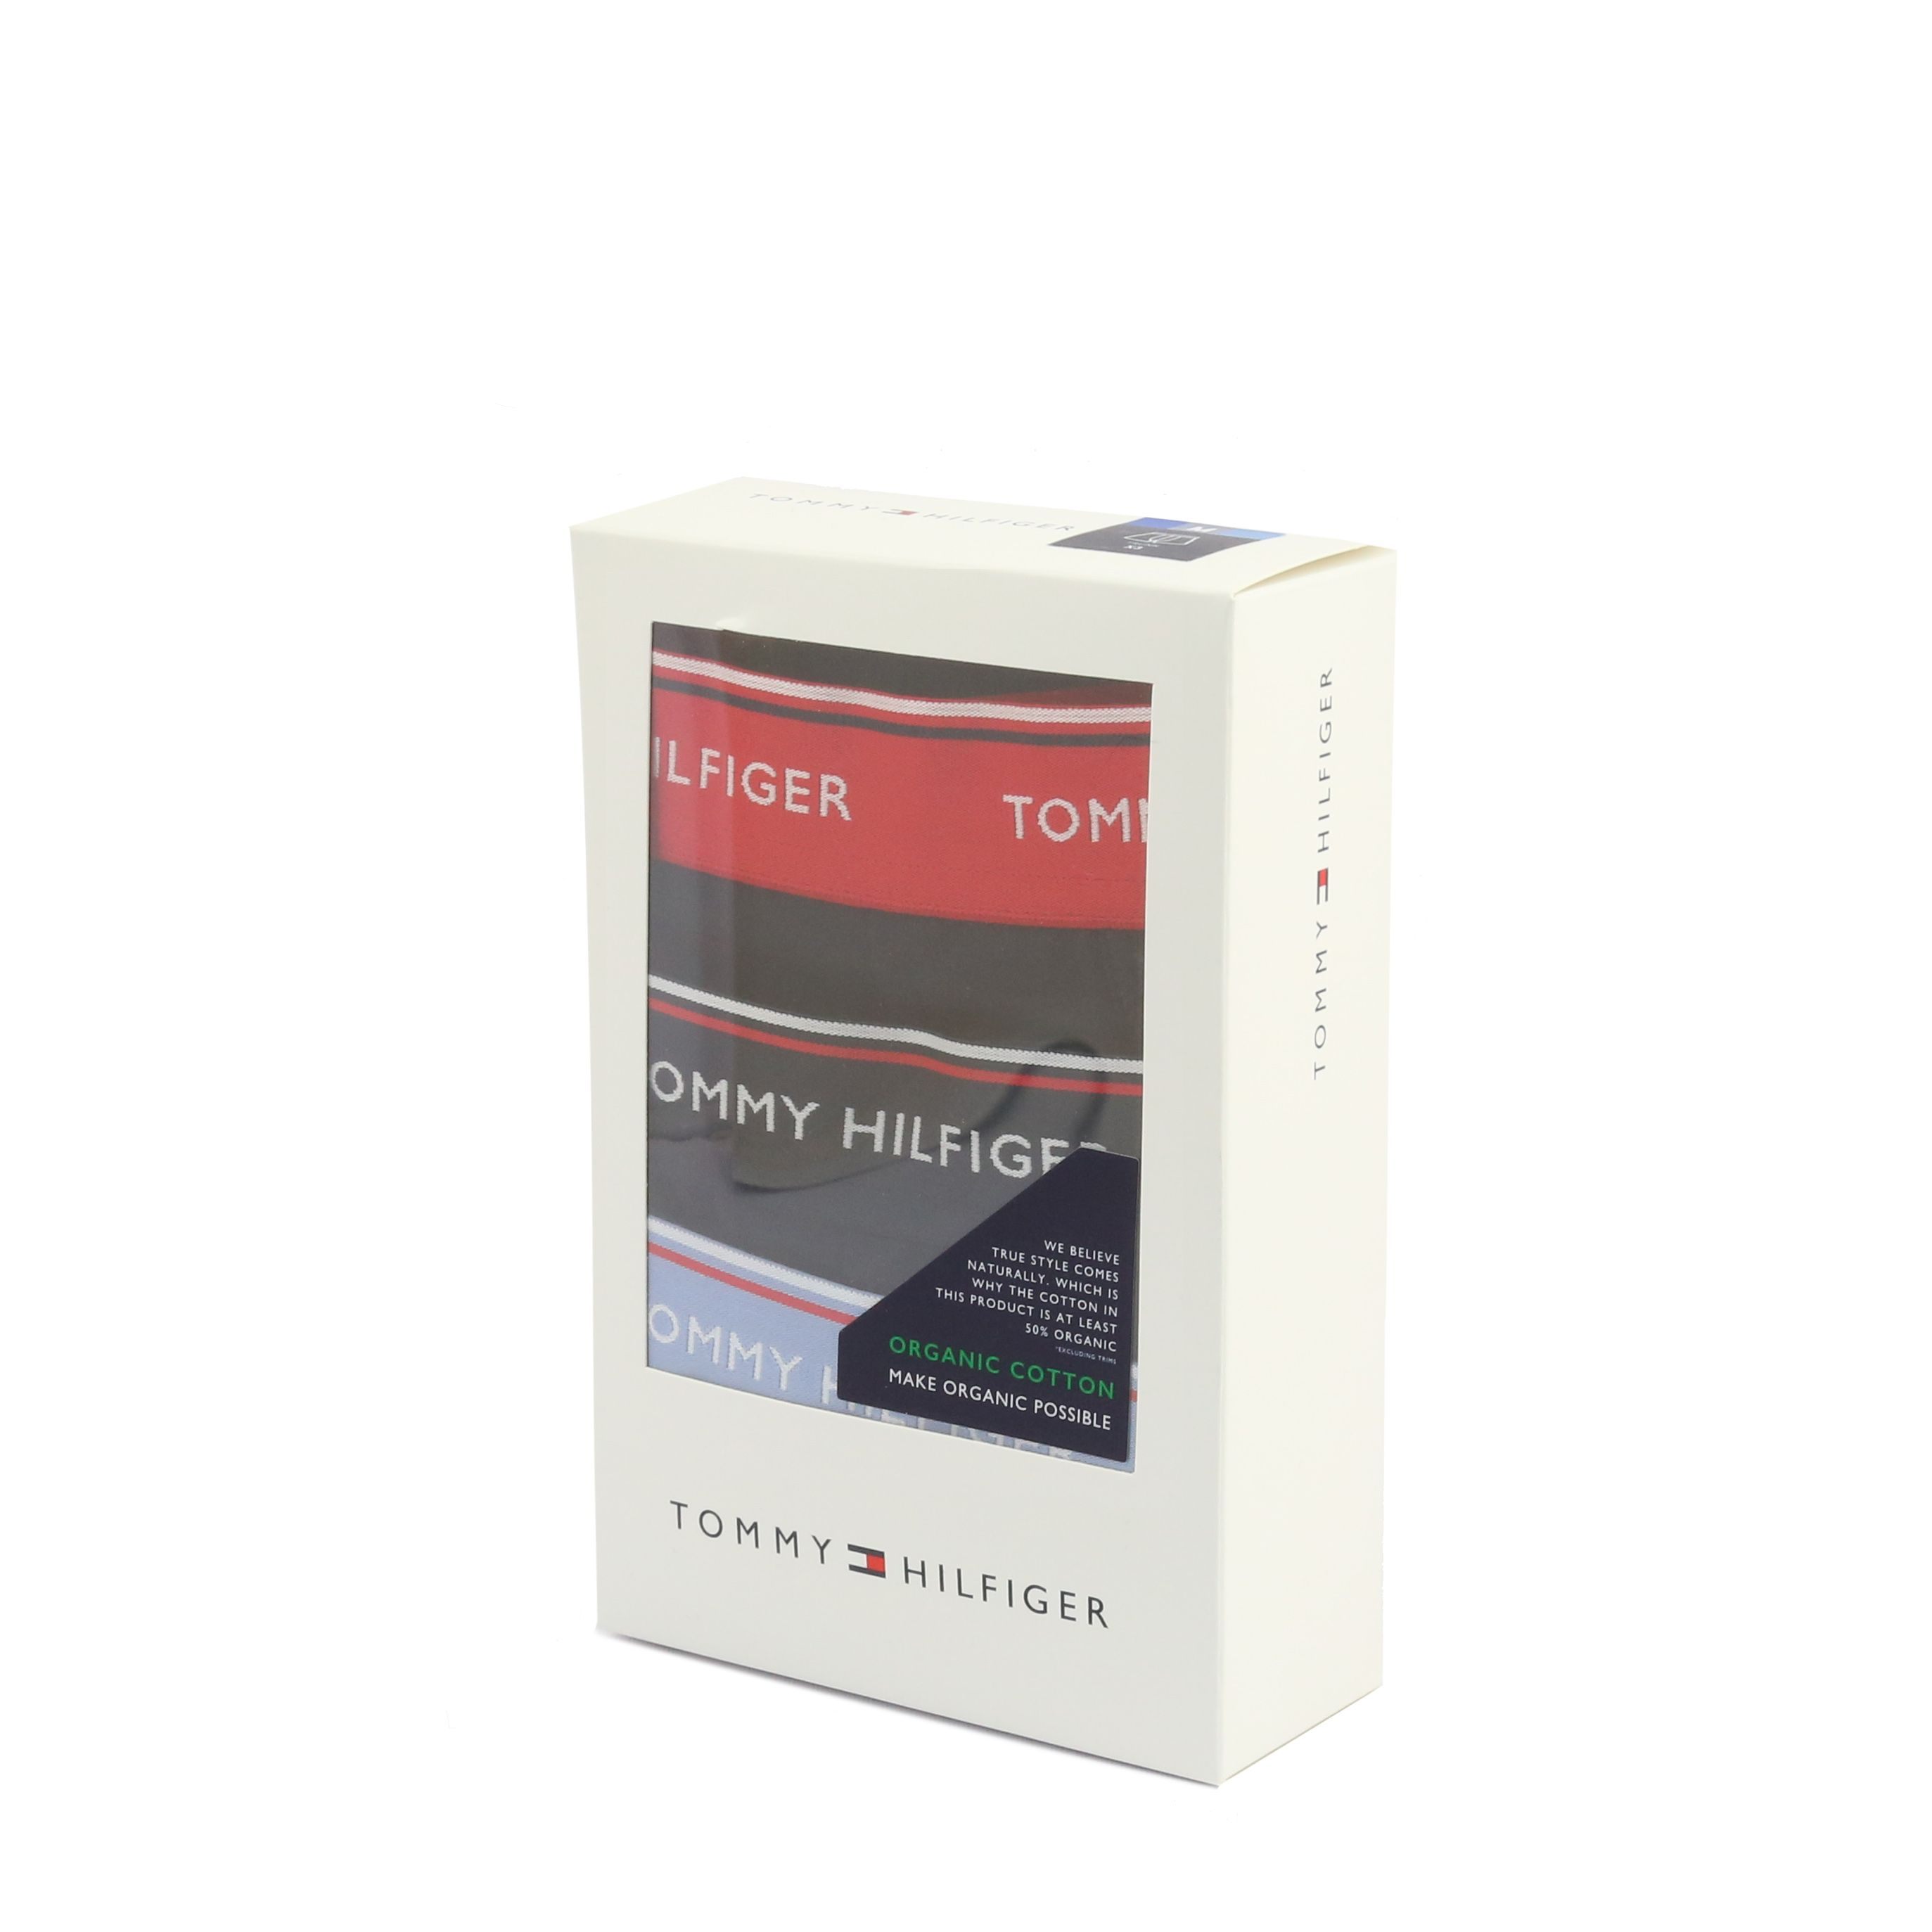 Tommy Hilfiger – UM0UM016420T1 3 Pack